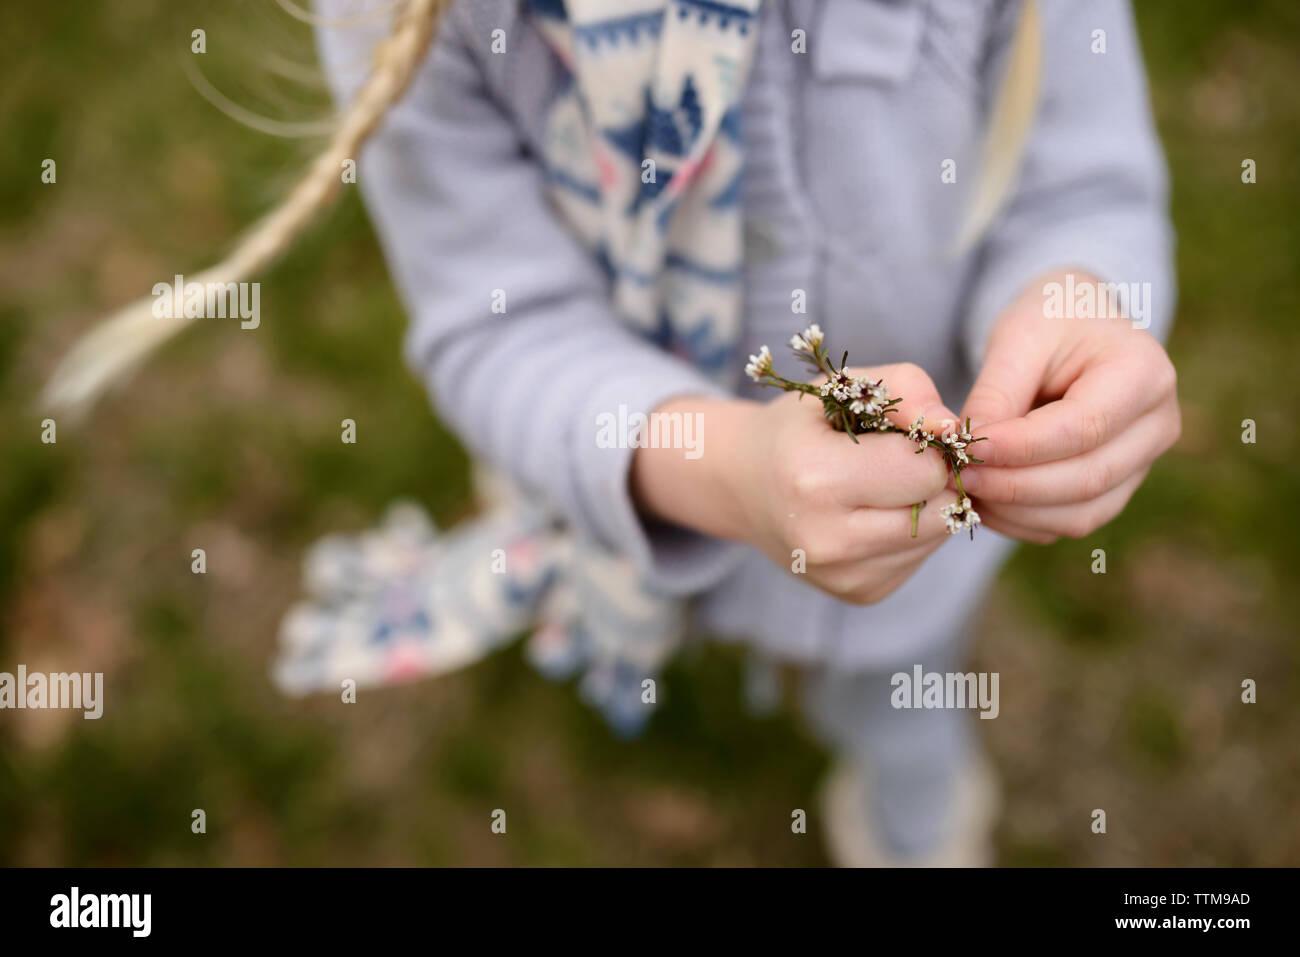 Sezione bassa della ragazza con fiori sul cortile Immagini Stock